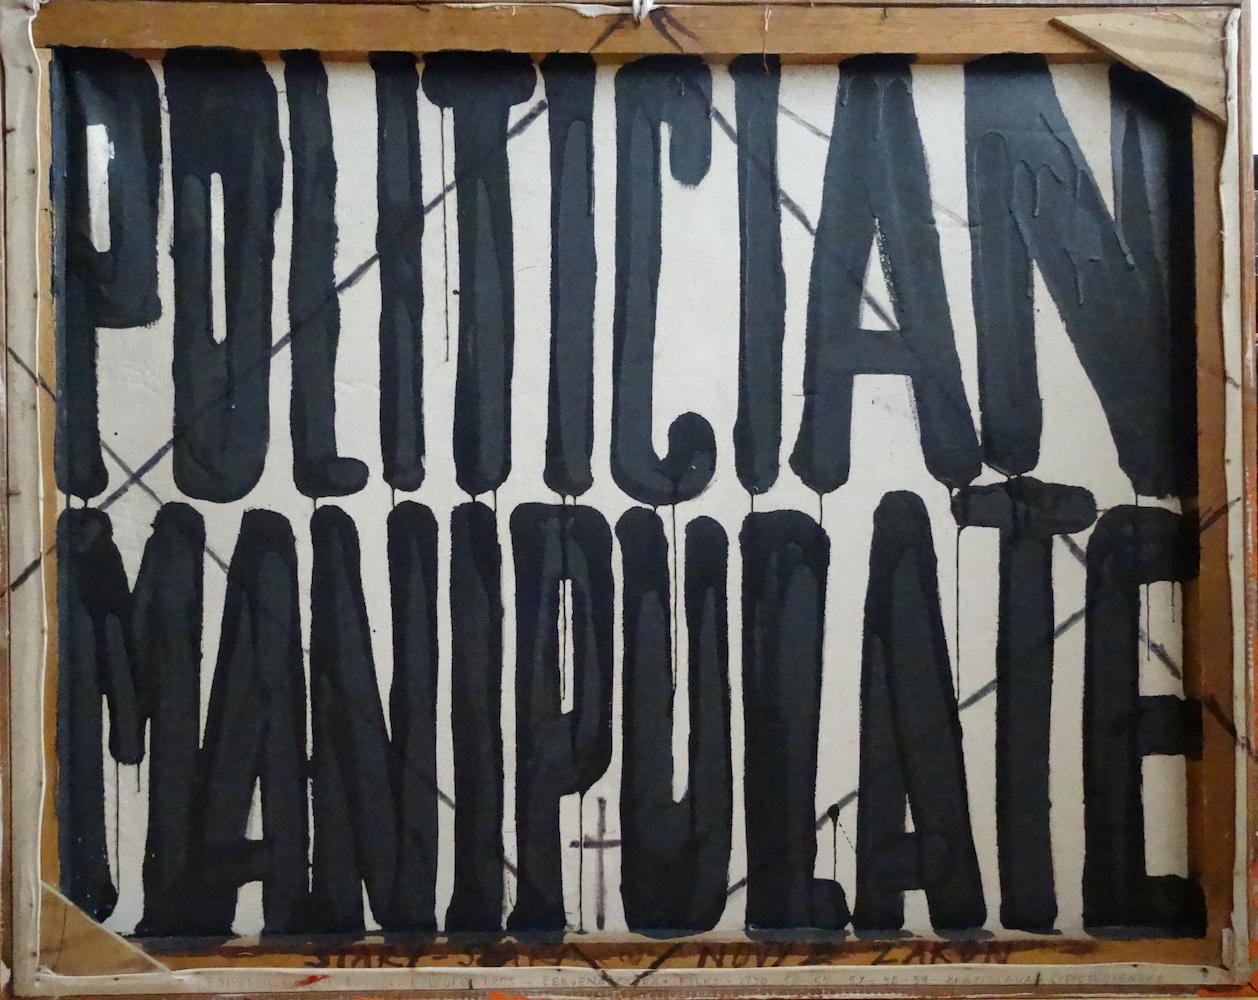 1984 - 93, Politican Manipulate, obojstranná maľba na plátne, 85 x 105 cm, strana 2